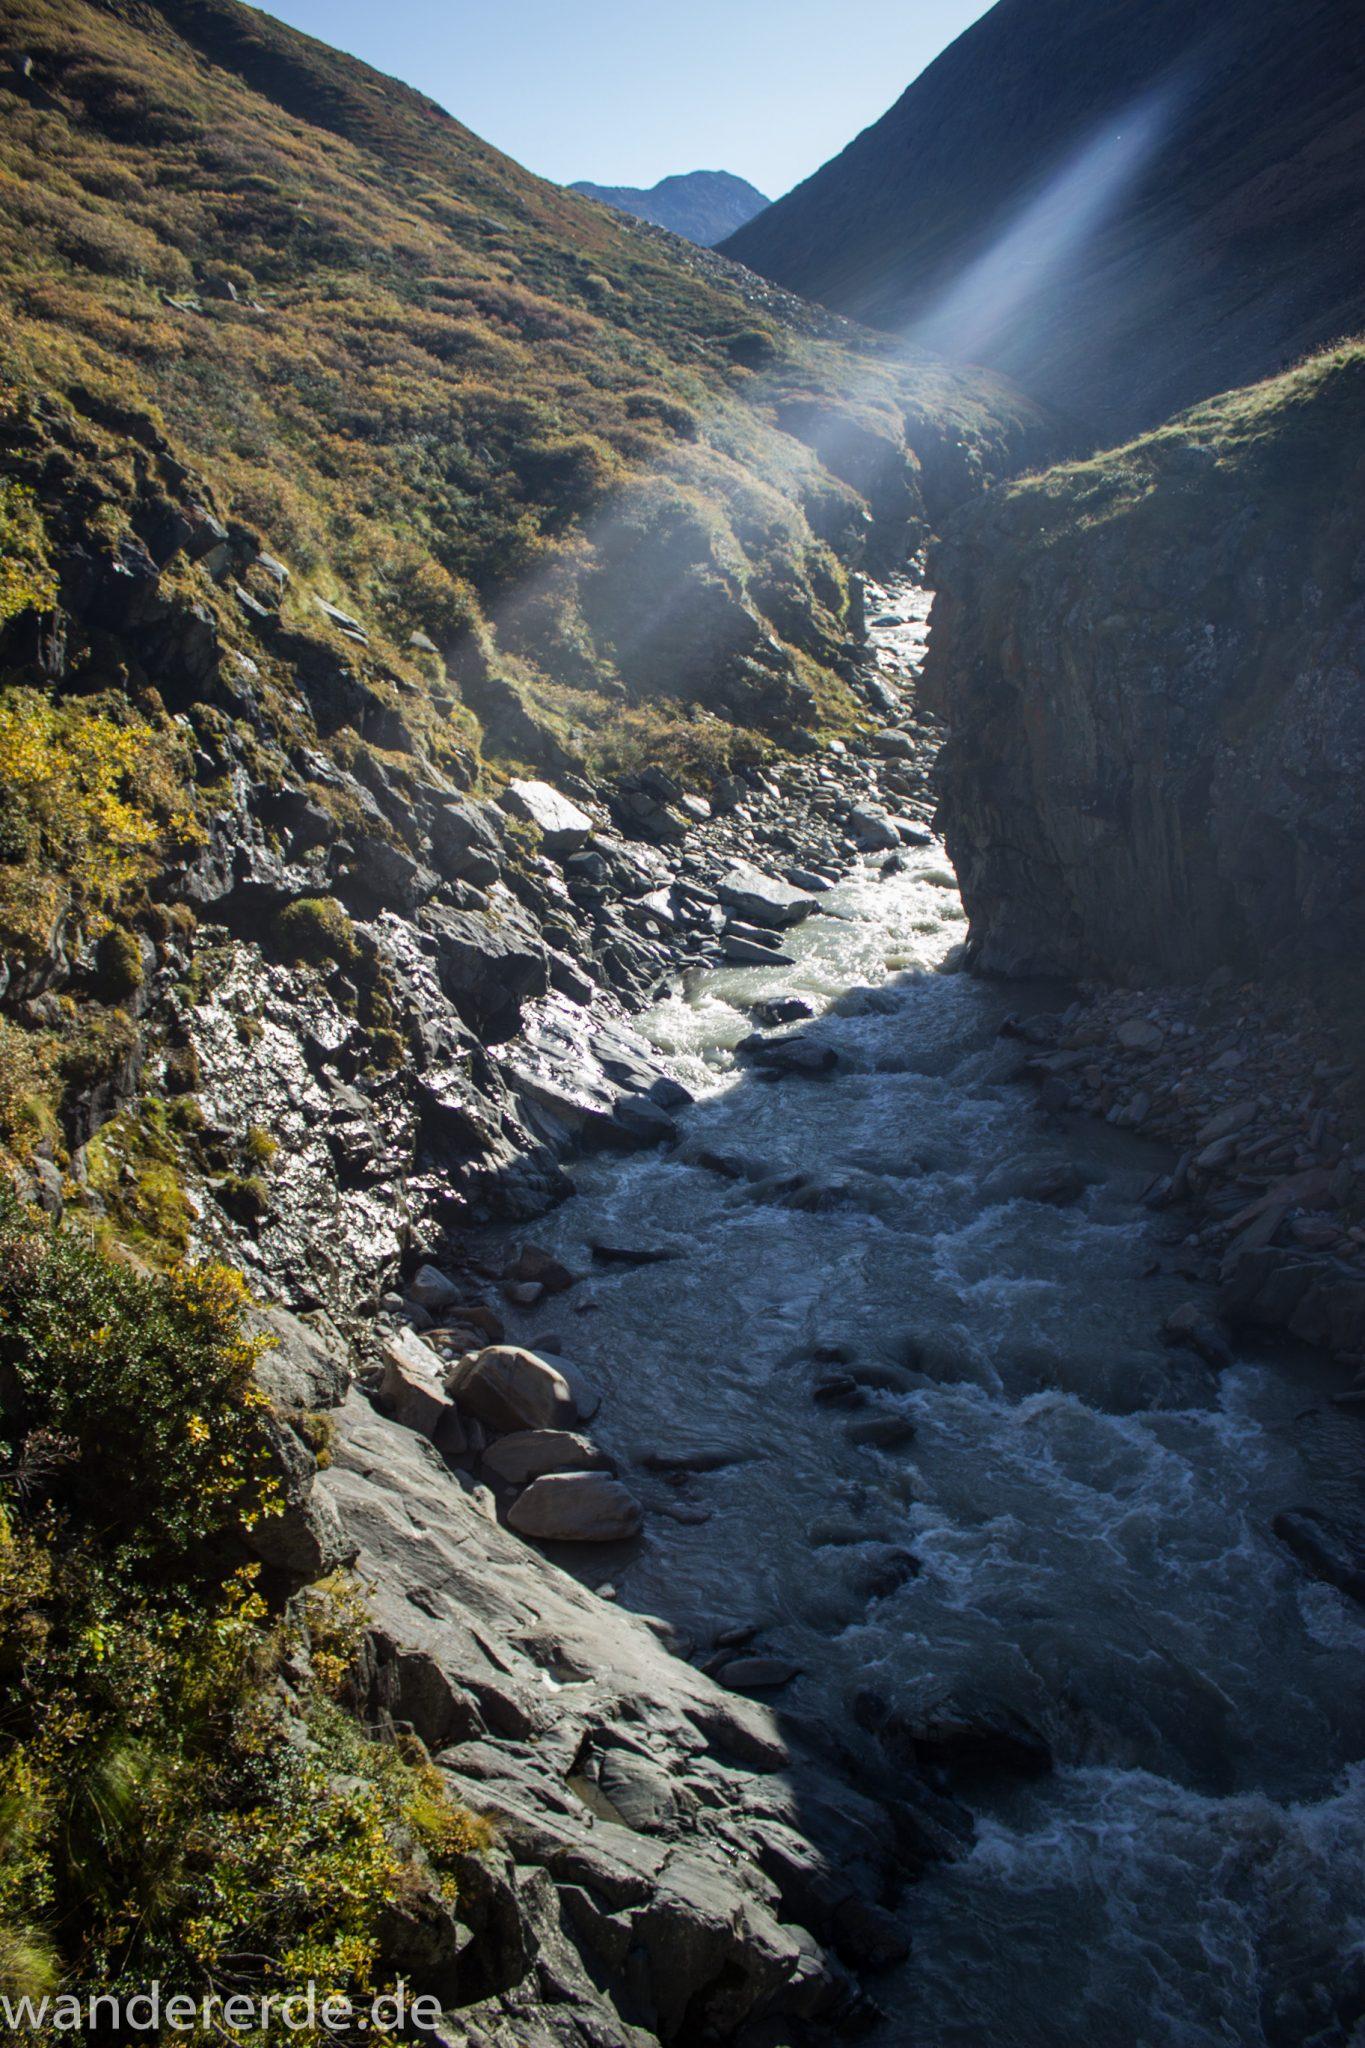 Alpenüberquerung Fernwanderweg E5 Oberstdorf Meran, 5. Etappe von Braunschweiger Hütte zur Martin-Busch-Hütte, nach Wanderung auf dem neuen Panoramaweg nach Vent folgt Anstieg zur Martin-Busch-Hütte, herrliches Wetter zum Wandern bei strahlendem Sonnenschein, wegen Steinschlag gesperrter ursprünglicher Weg muss auf anderer Bergseite umgangen werden, Wegverlauf auf schmalem Pfad bis runter zum Fluss ist schön, Ausblick ins Tal mit Fluss und grüner Vegetation